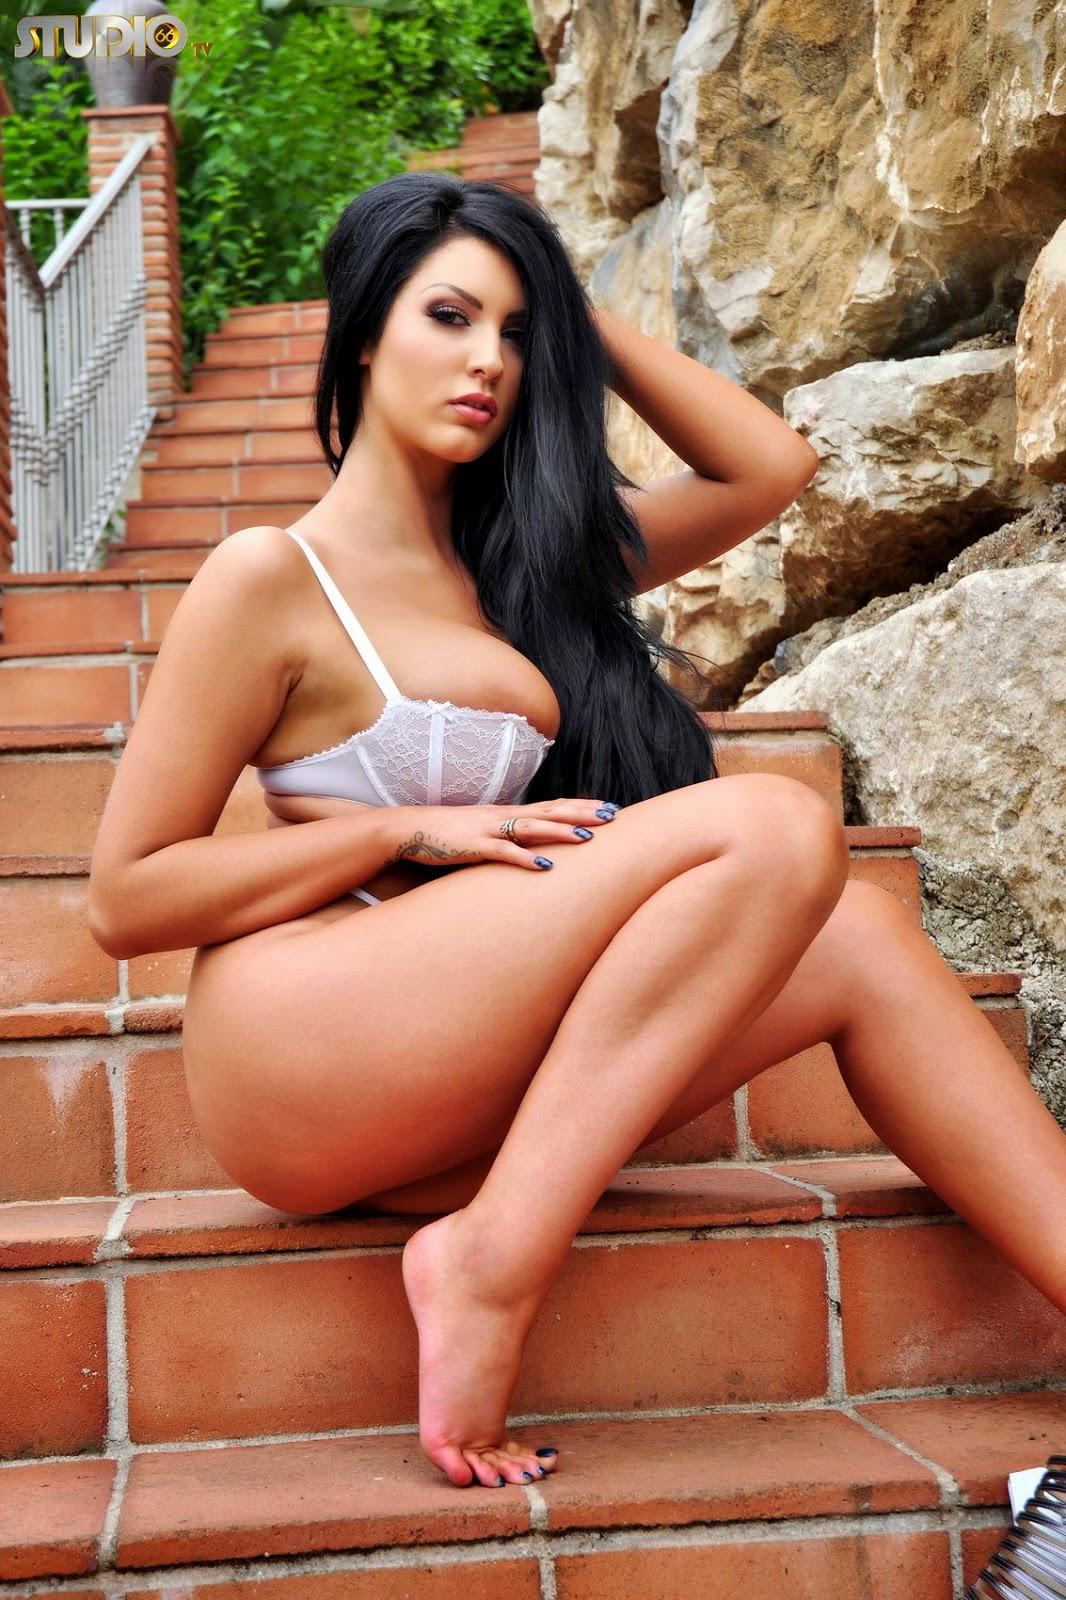 Jasmine james free porn